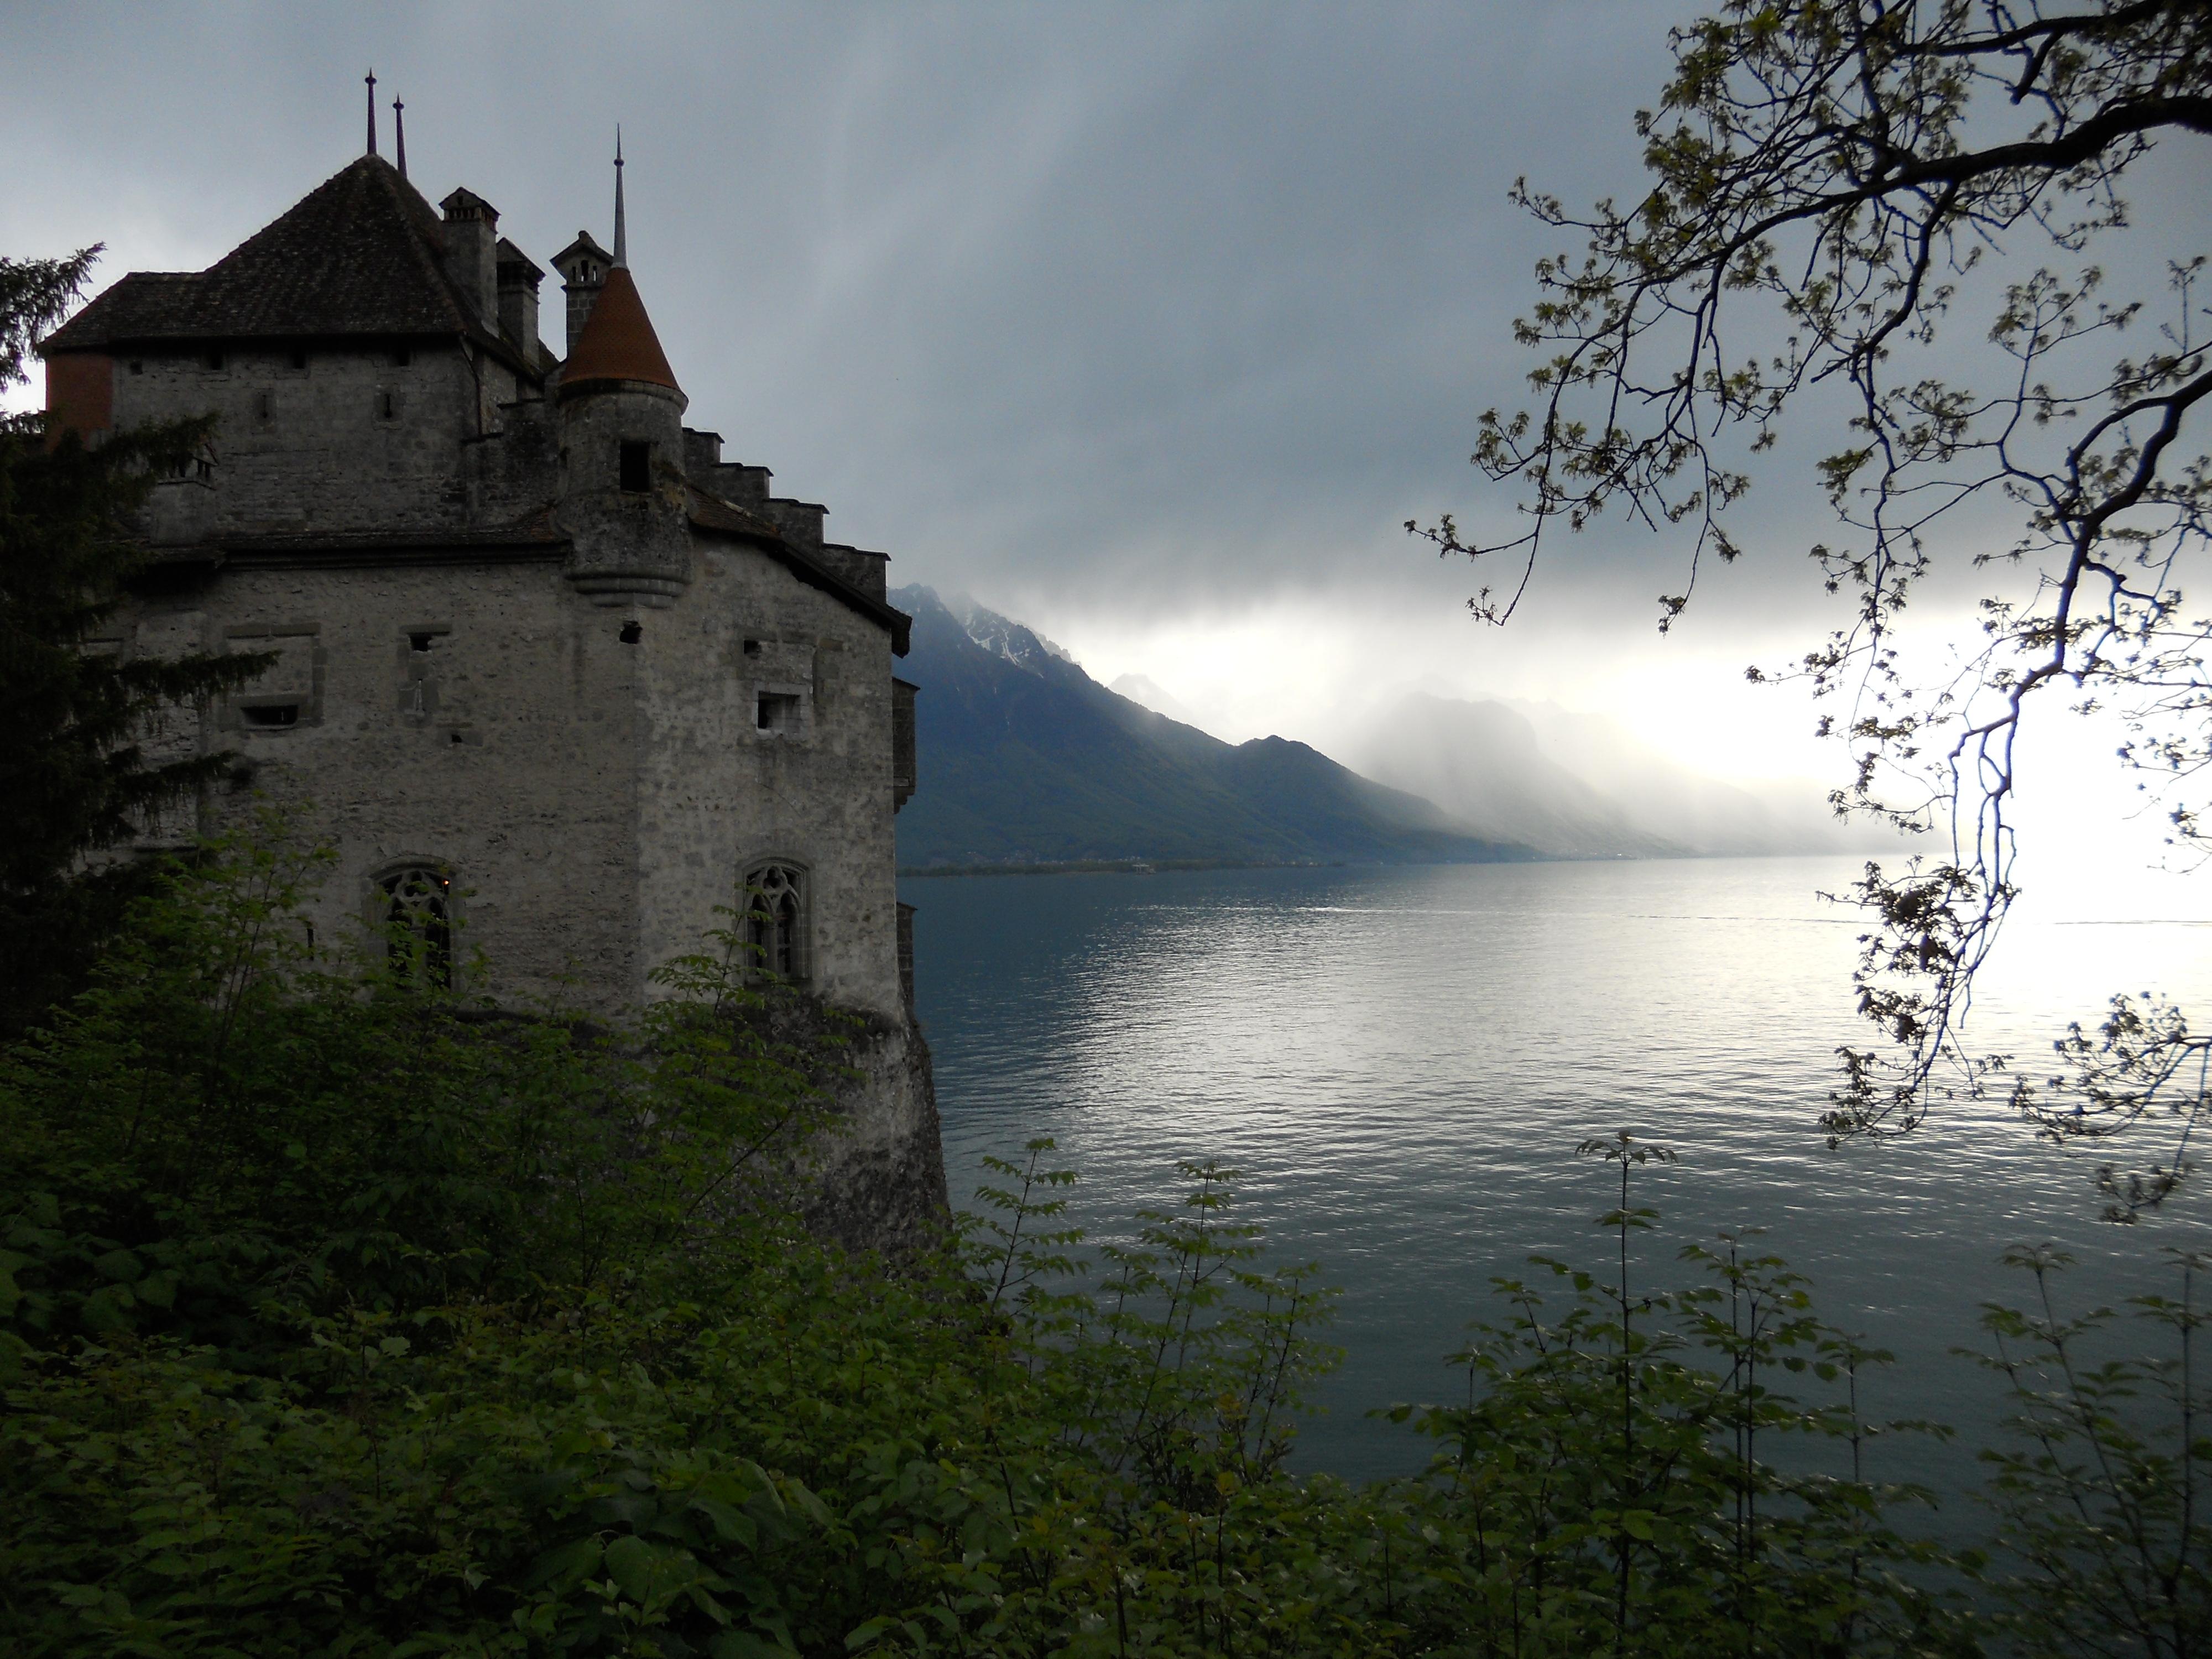 Chateau de Chillon, Montreux, Switzerland, 2010